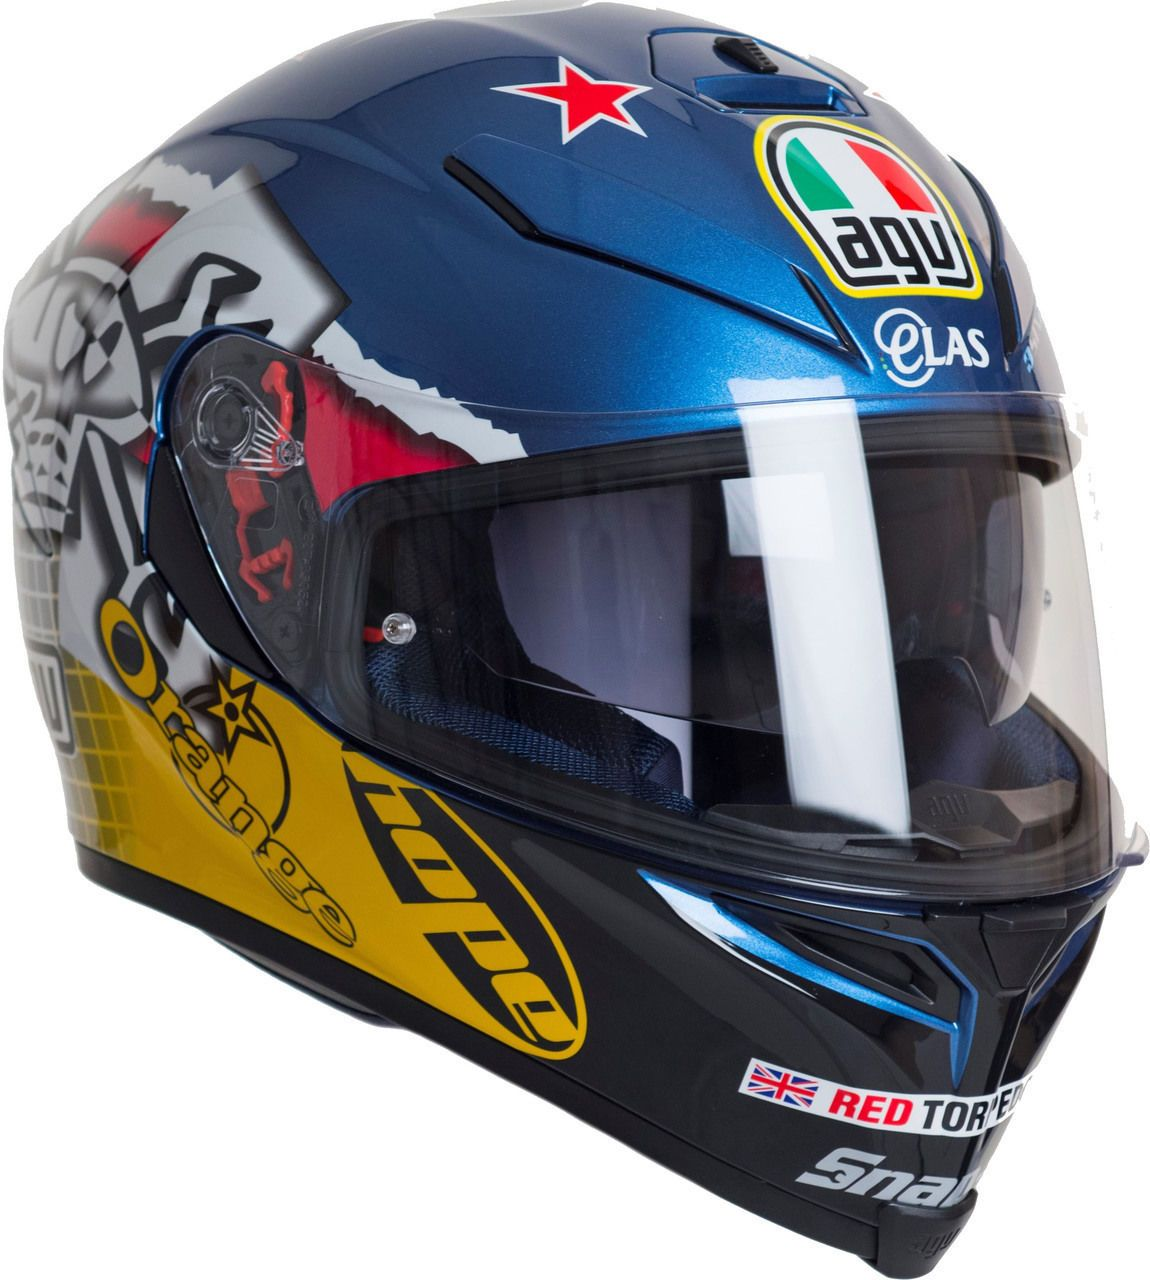 Detalles De Agv K5 S Tipo Martin 3 Algunos Full Face Carrera Rep Iom Isla De Man Casco De Motocicleta Ver Titulo Original